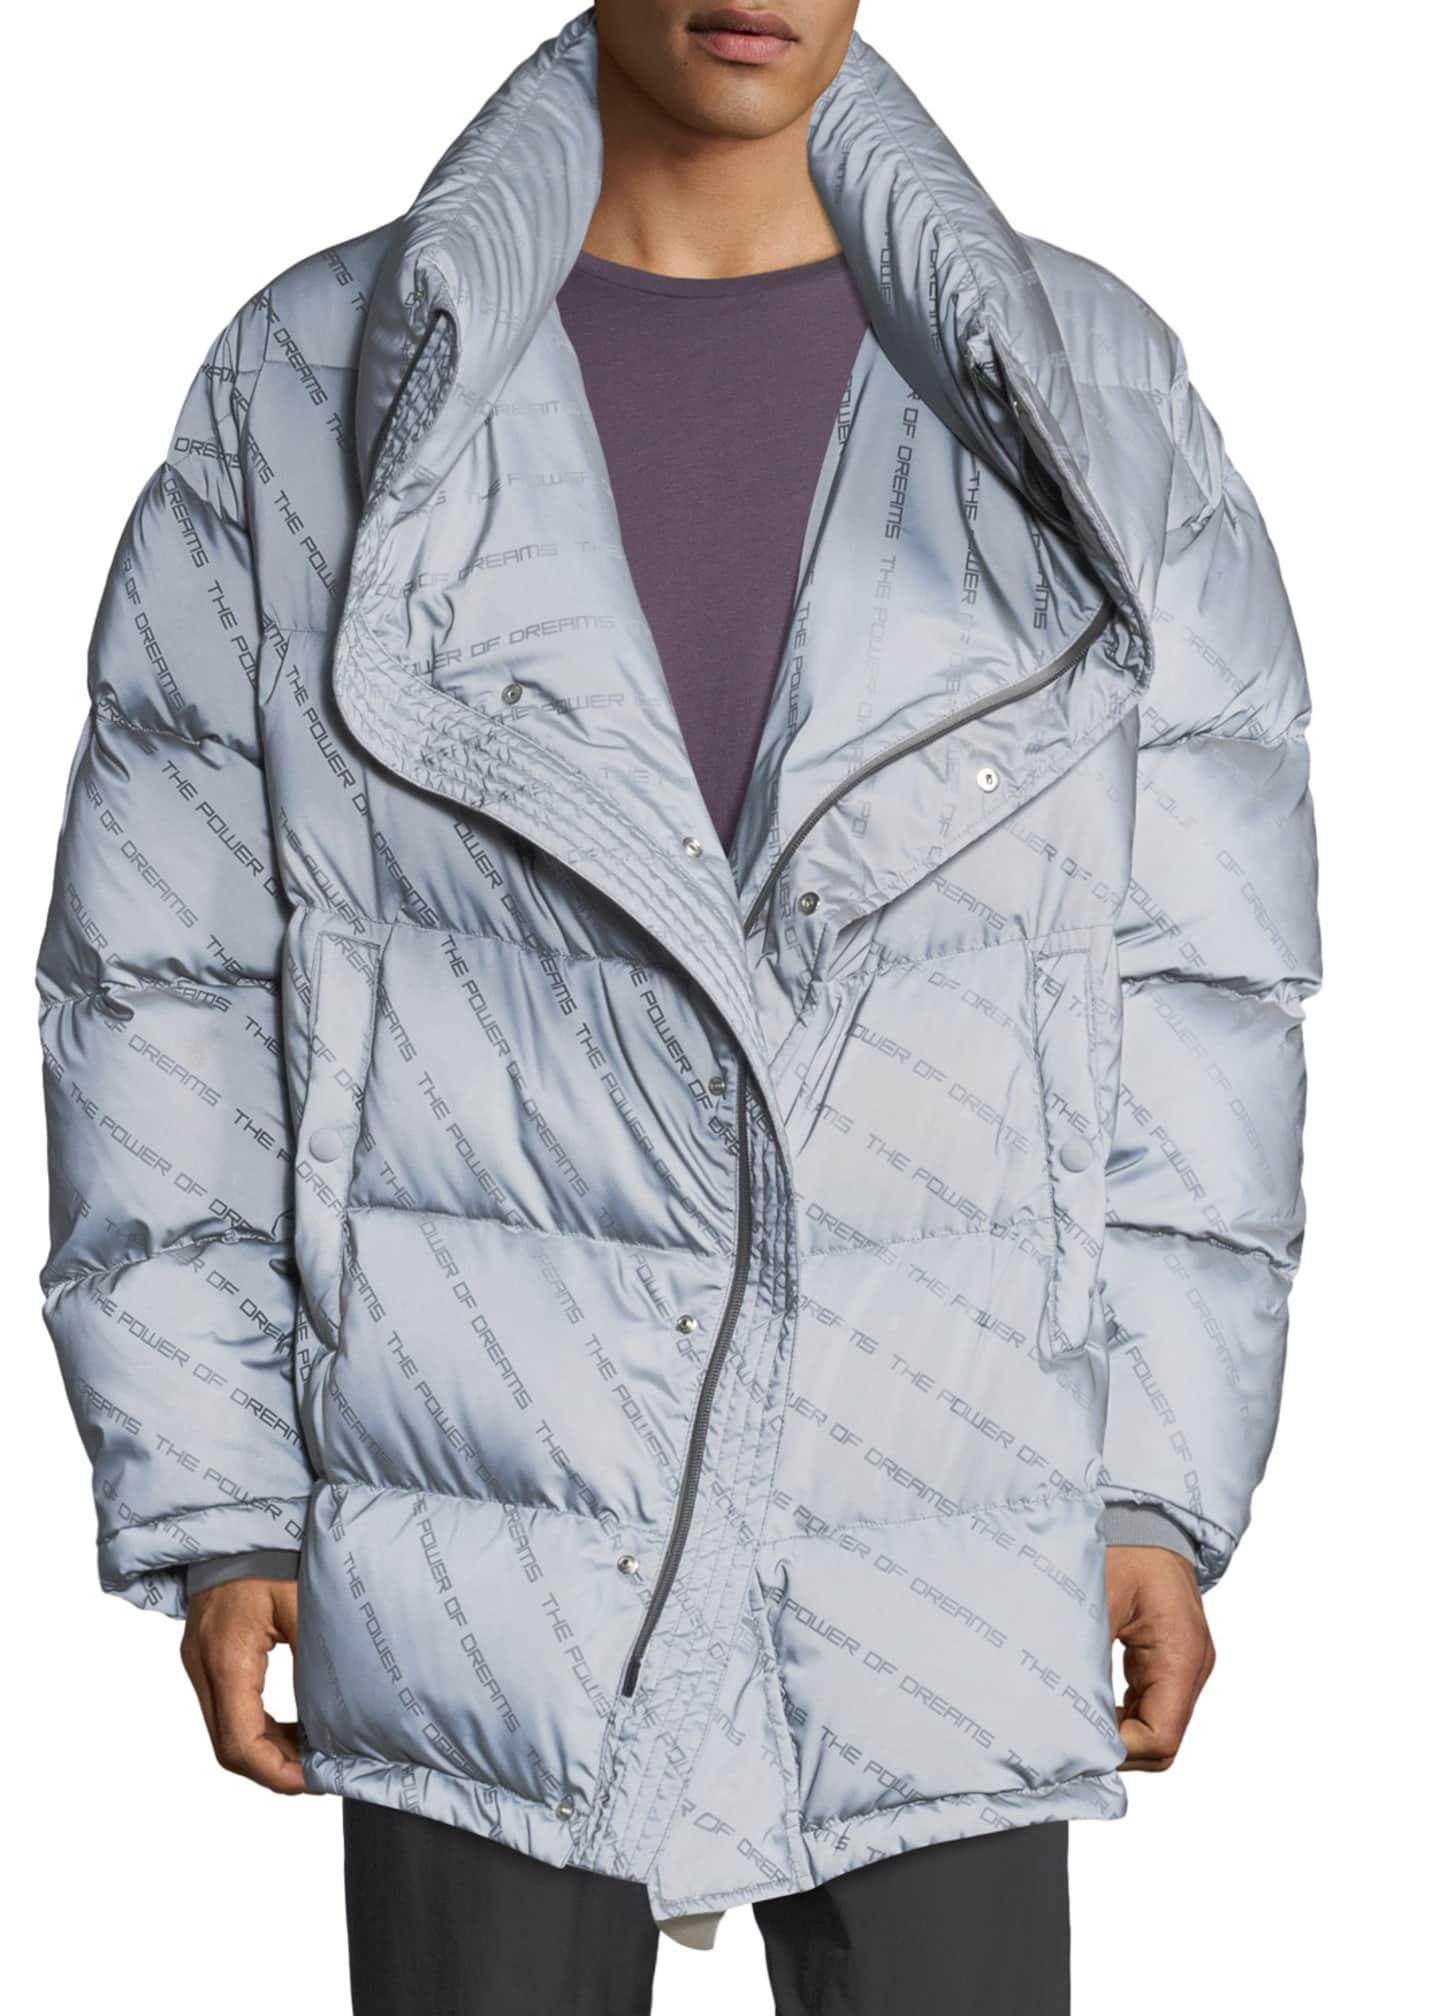 Balenciaga Men's Power of Dreams Puffer Jacket